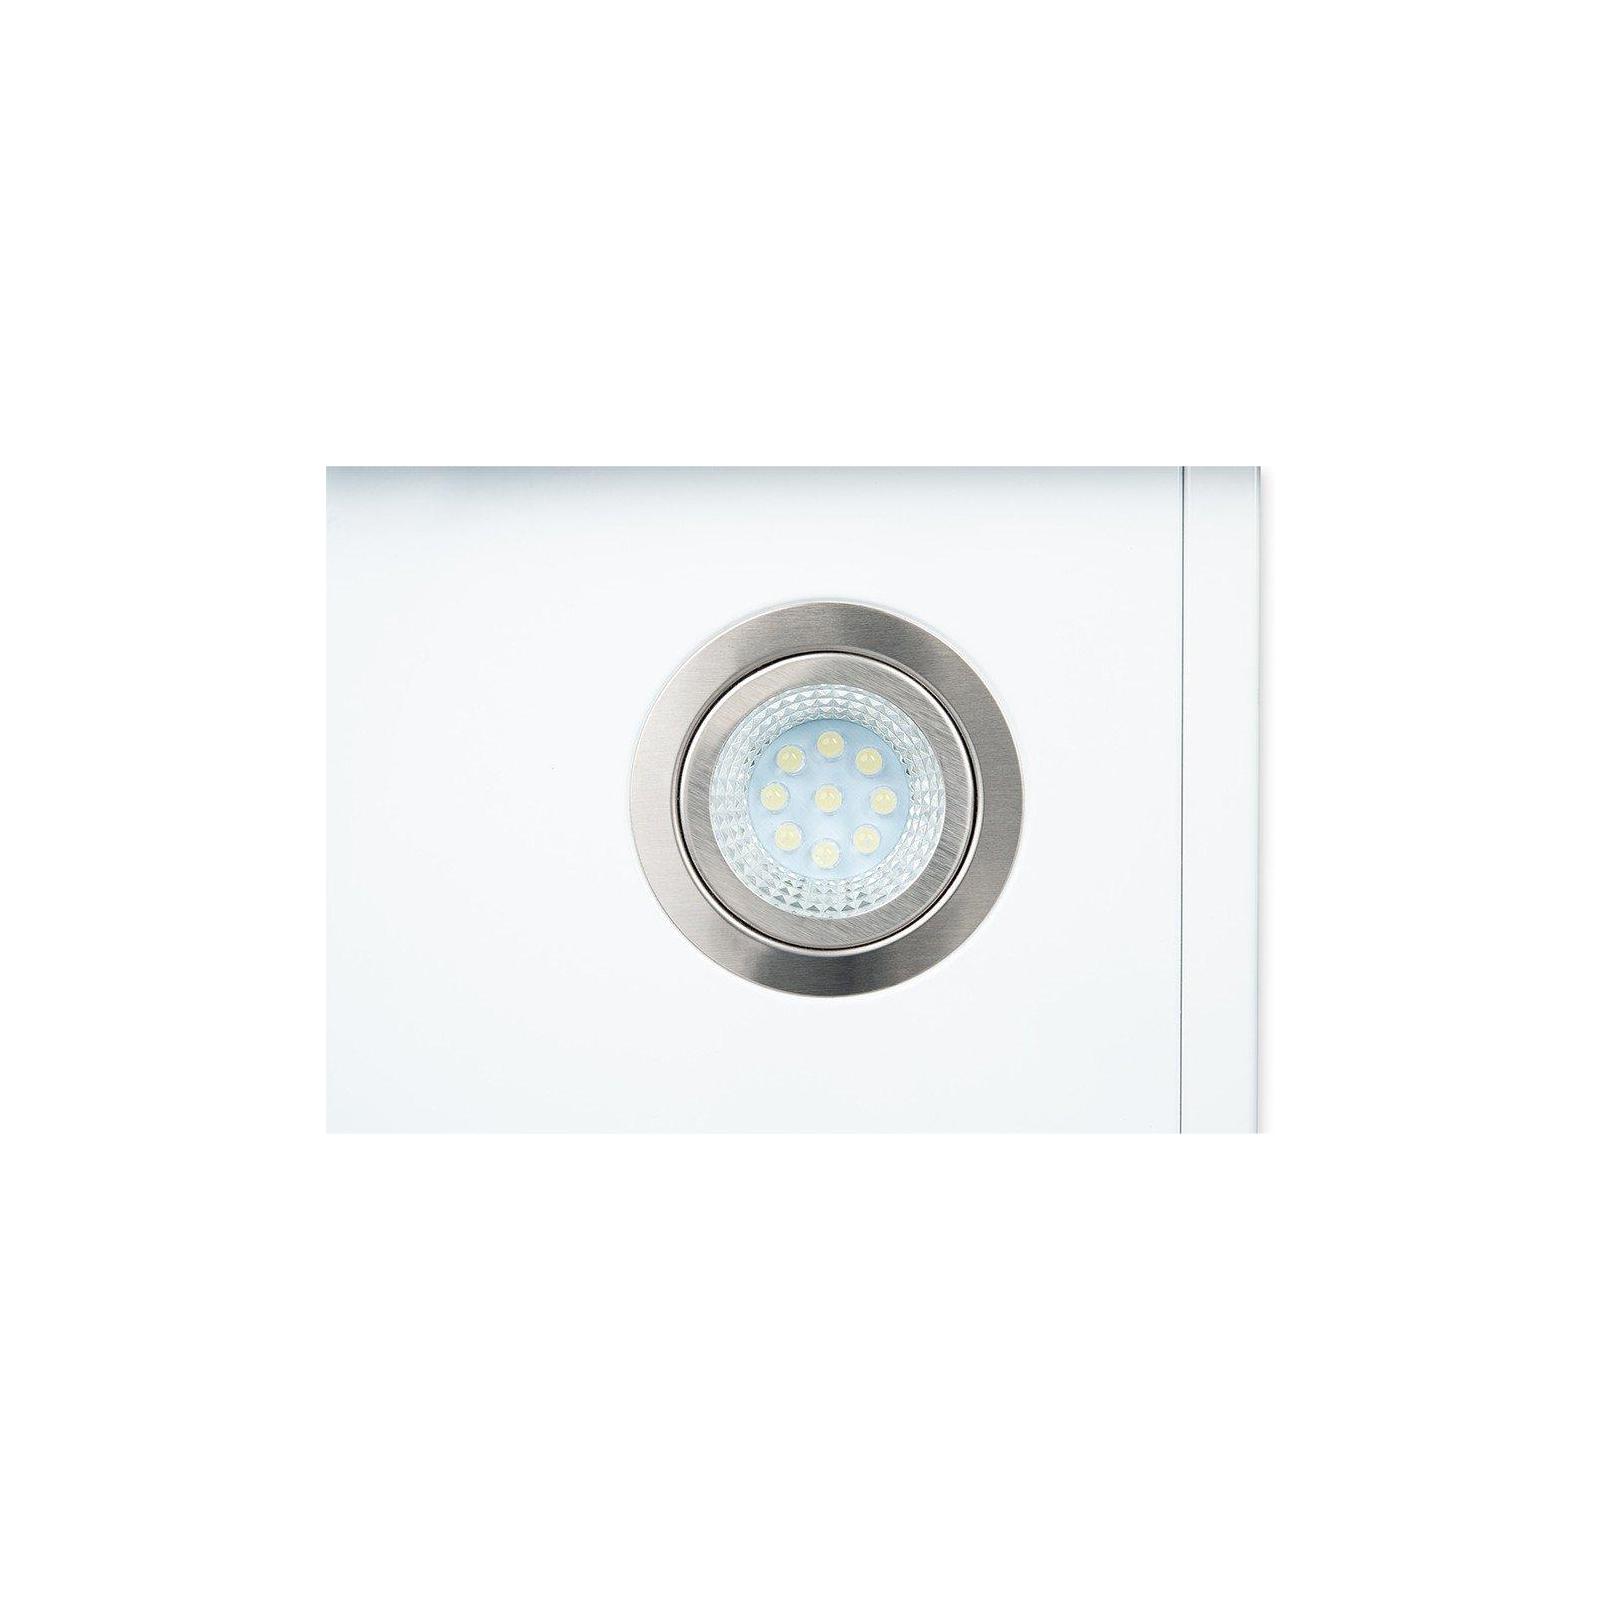 Вытяжка кухонная MINOLA HVS 6682 WH 1000 LED изображение 5